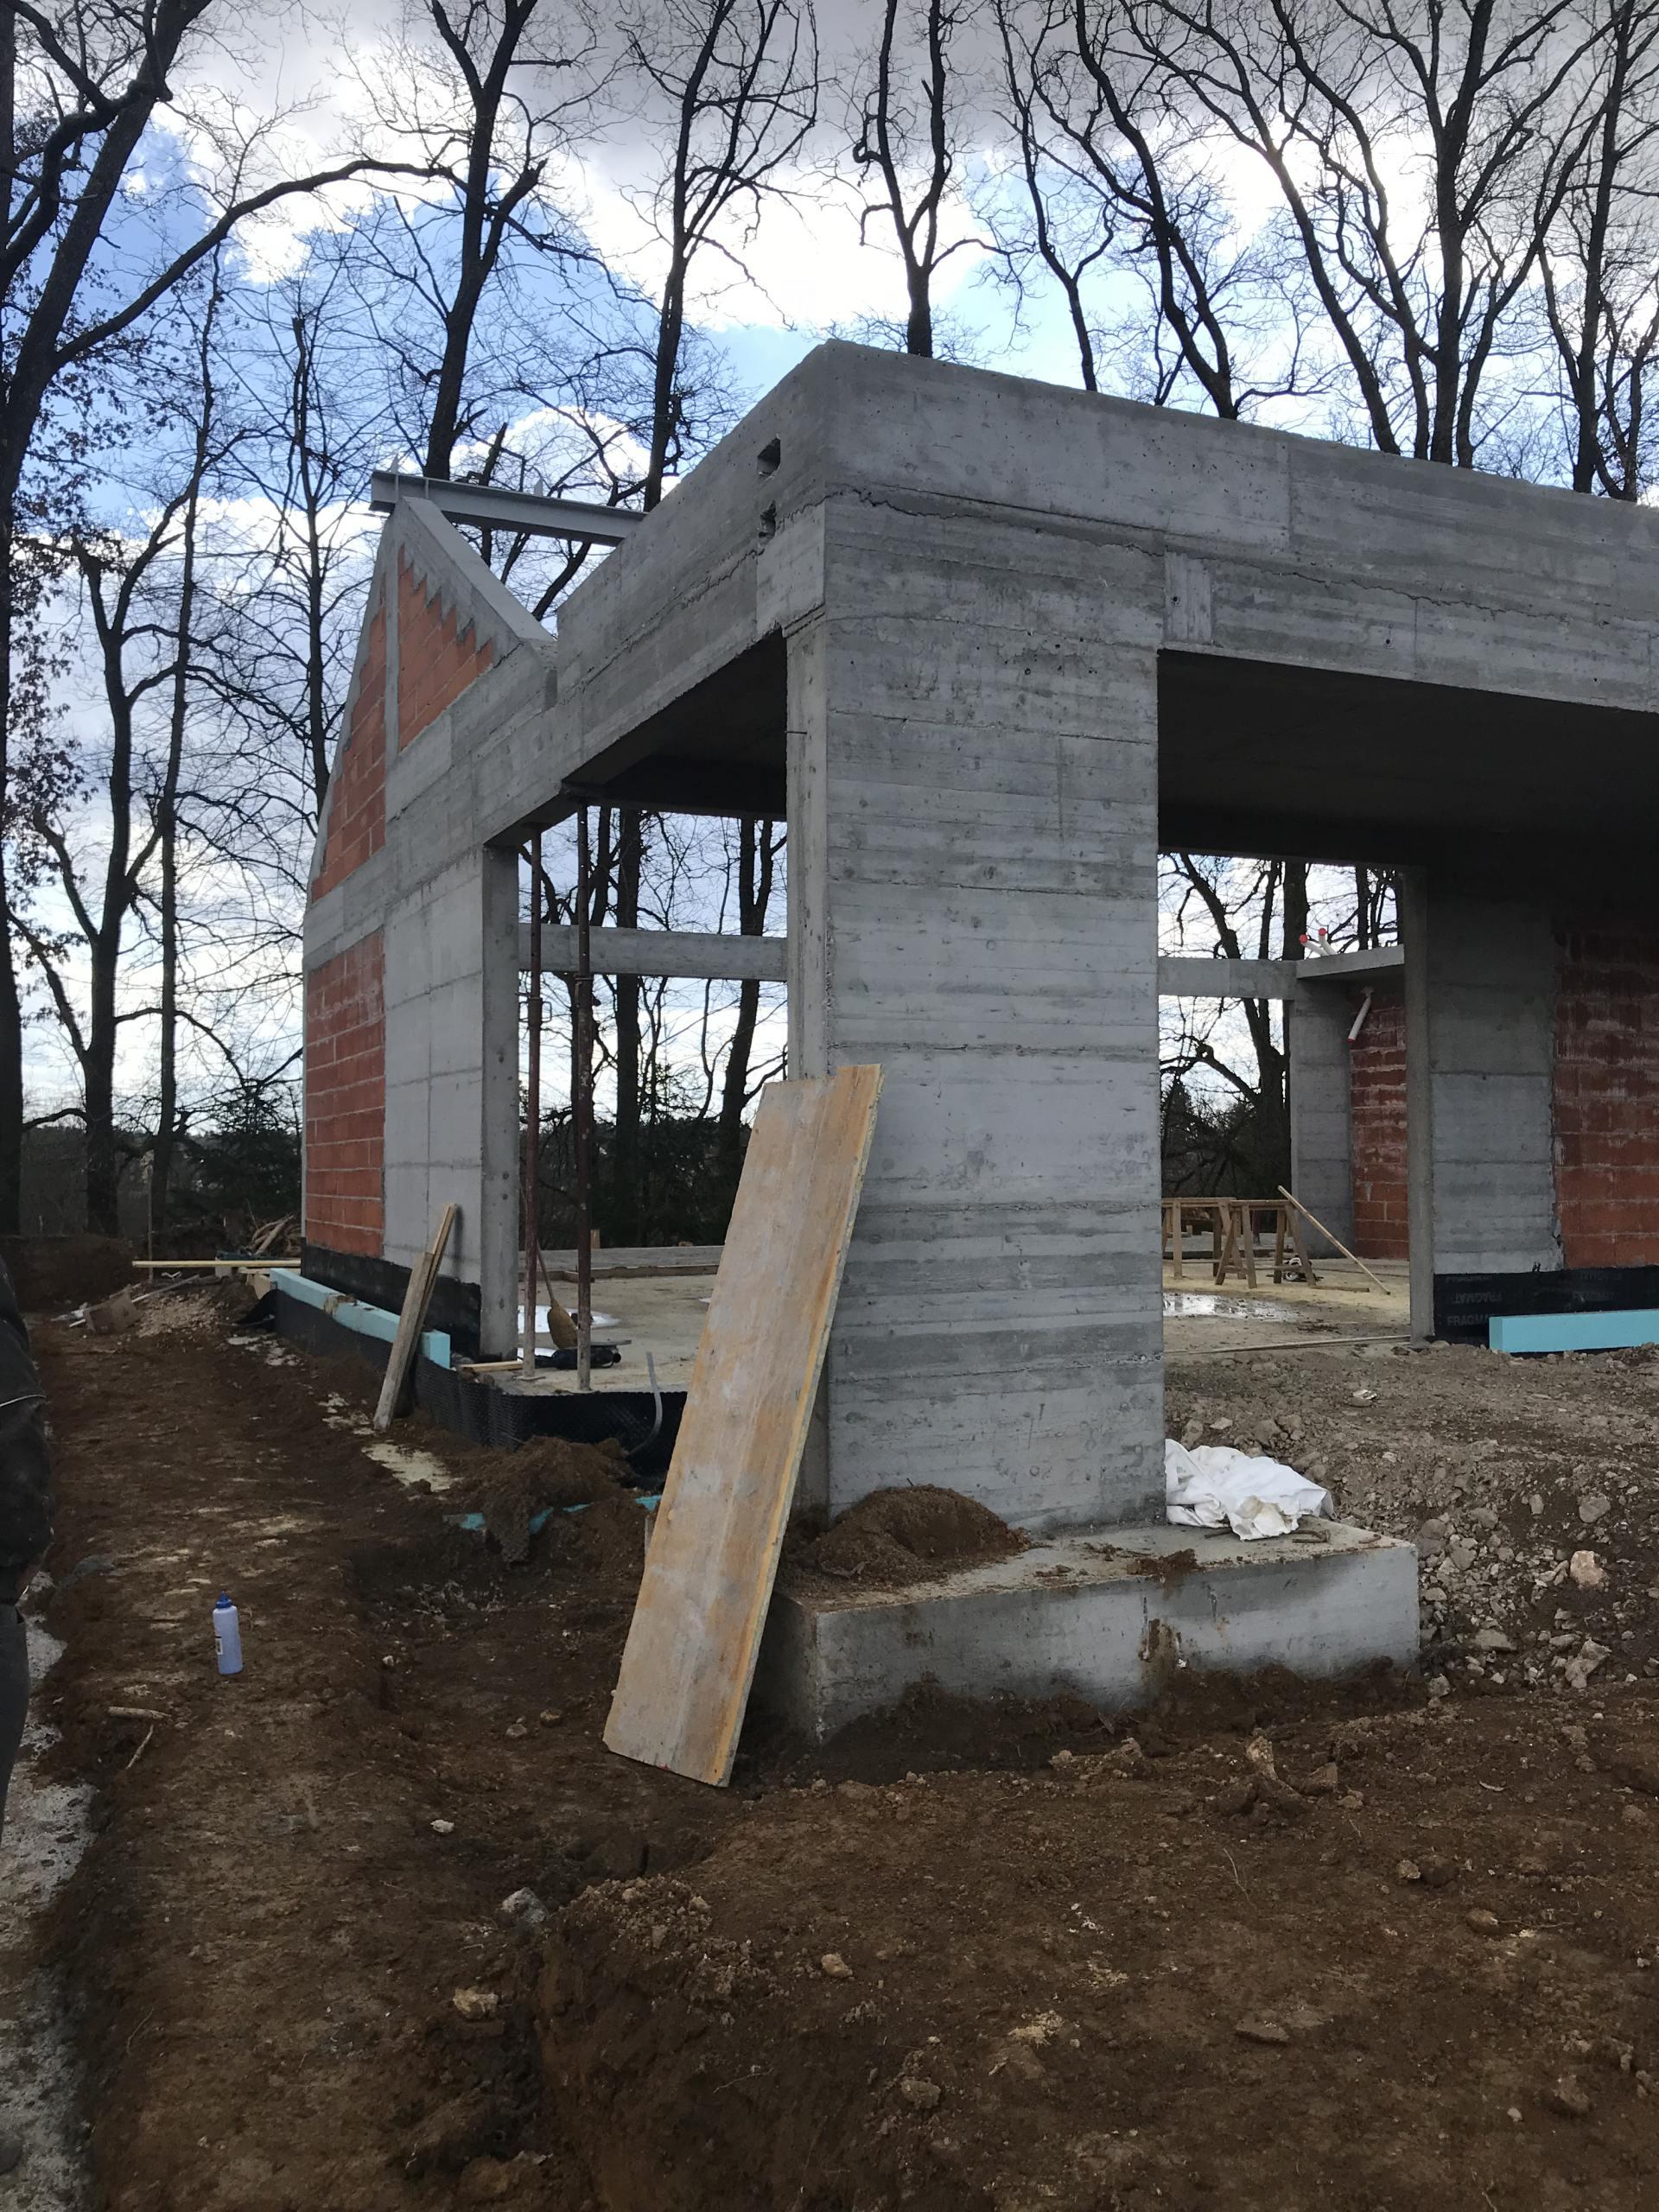 Spekter In d.o.o. - Svetovanje in inženiring, novogradnje, gradbena in fasaderska dela, urejanje okolice, sanacija obstoječih objektov IMG_9549